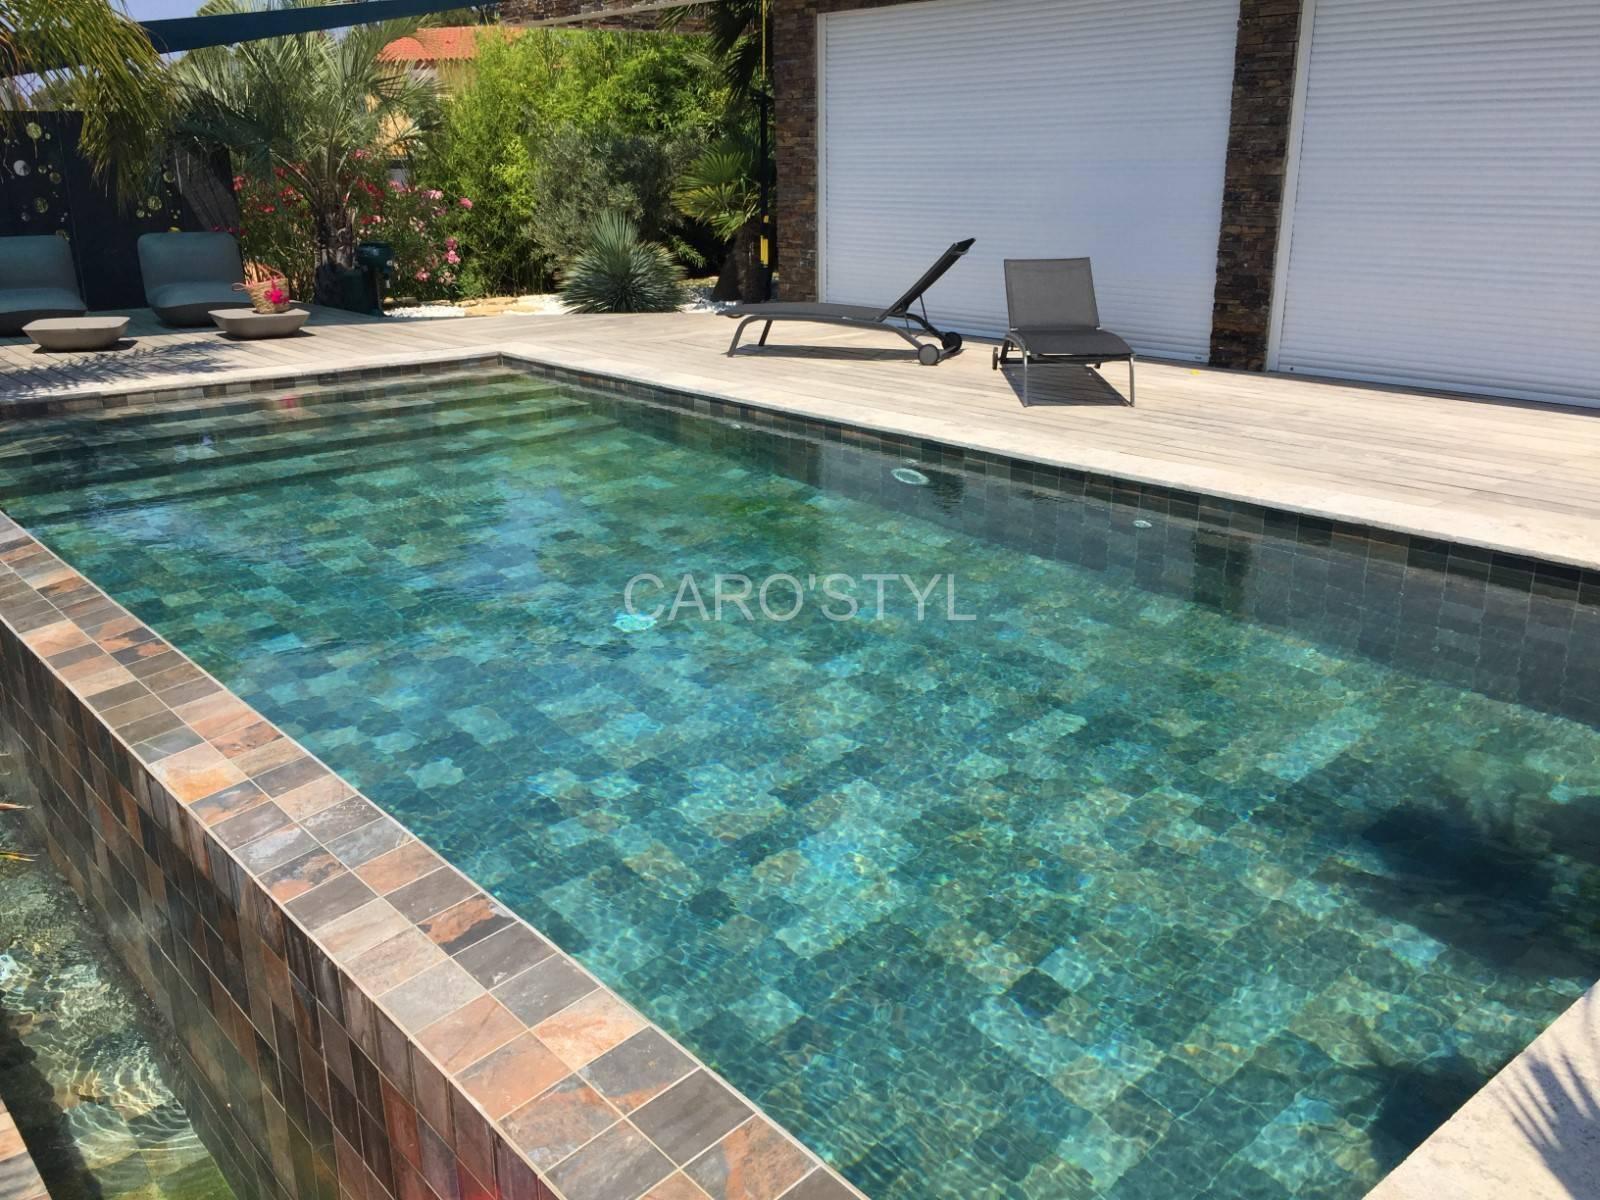 Carrelage Green Bali® 30X60 , Pour Un Bassin Avant Gardiste ... encequiconcerne Carrelage Piscine Bali 30X60